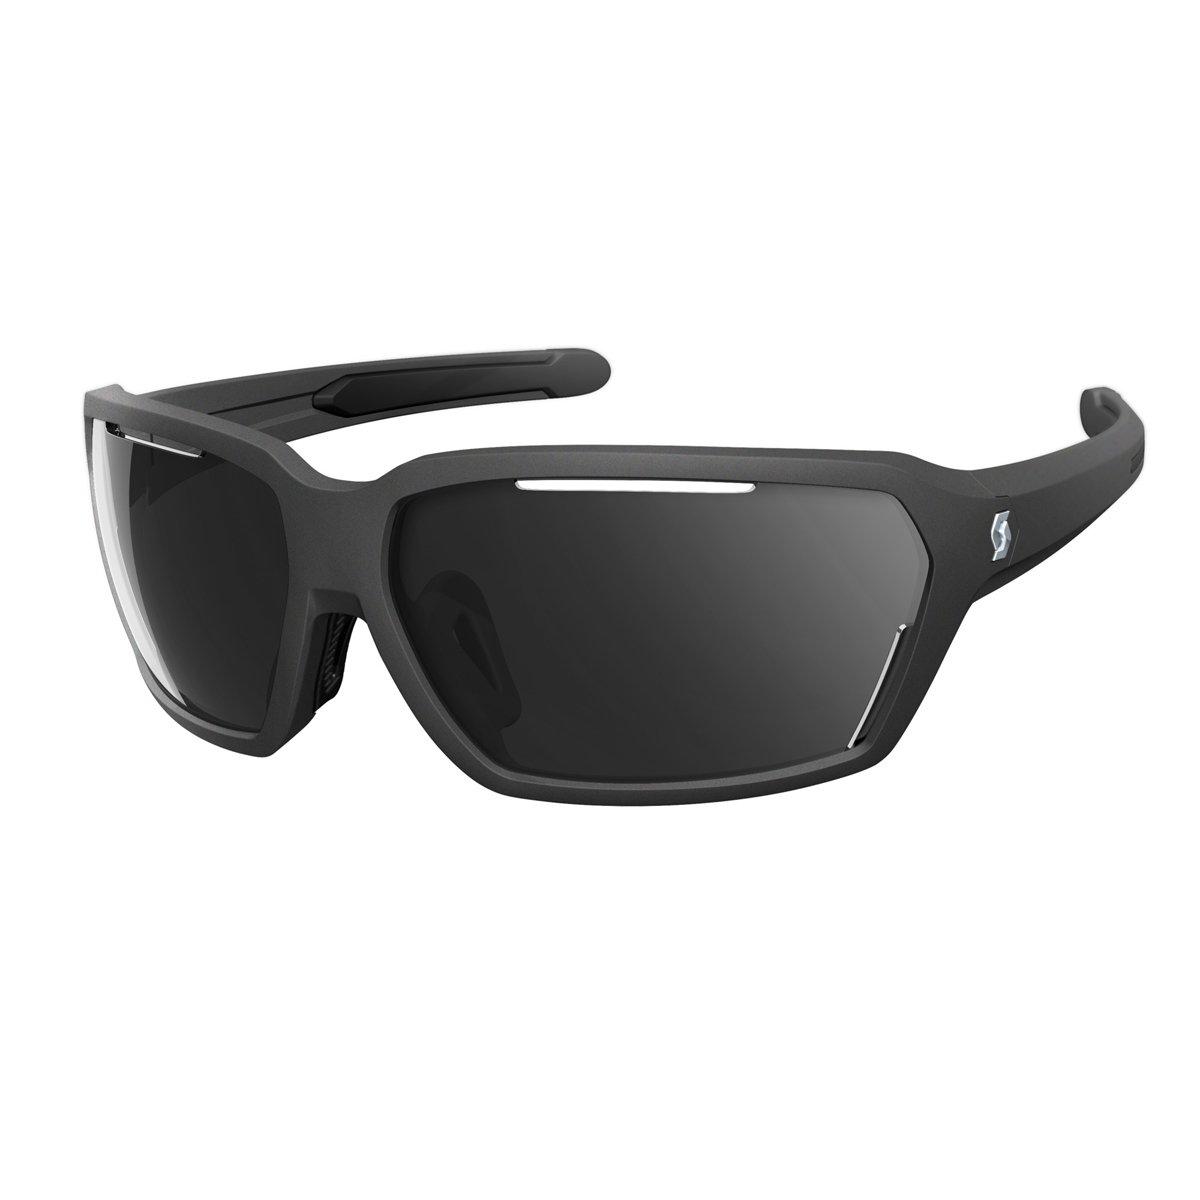 Scott Vector Fahrrad Brille schwarz/grau